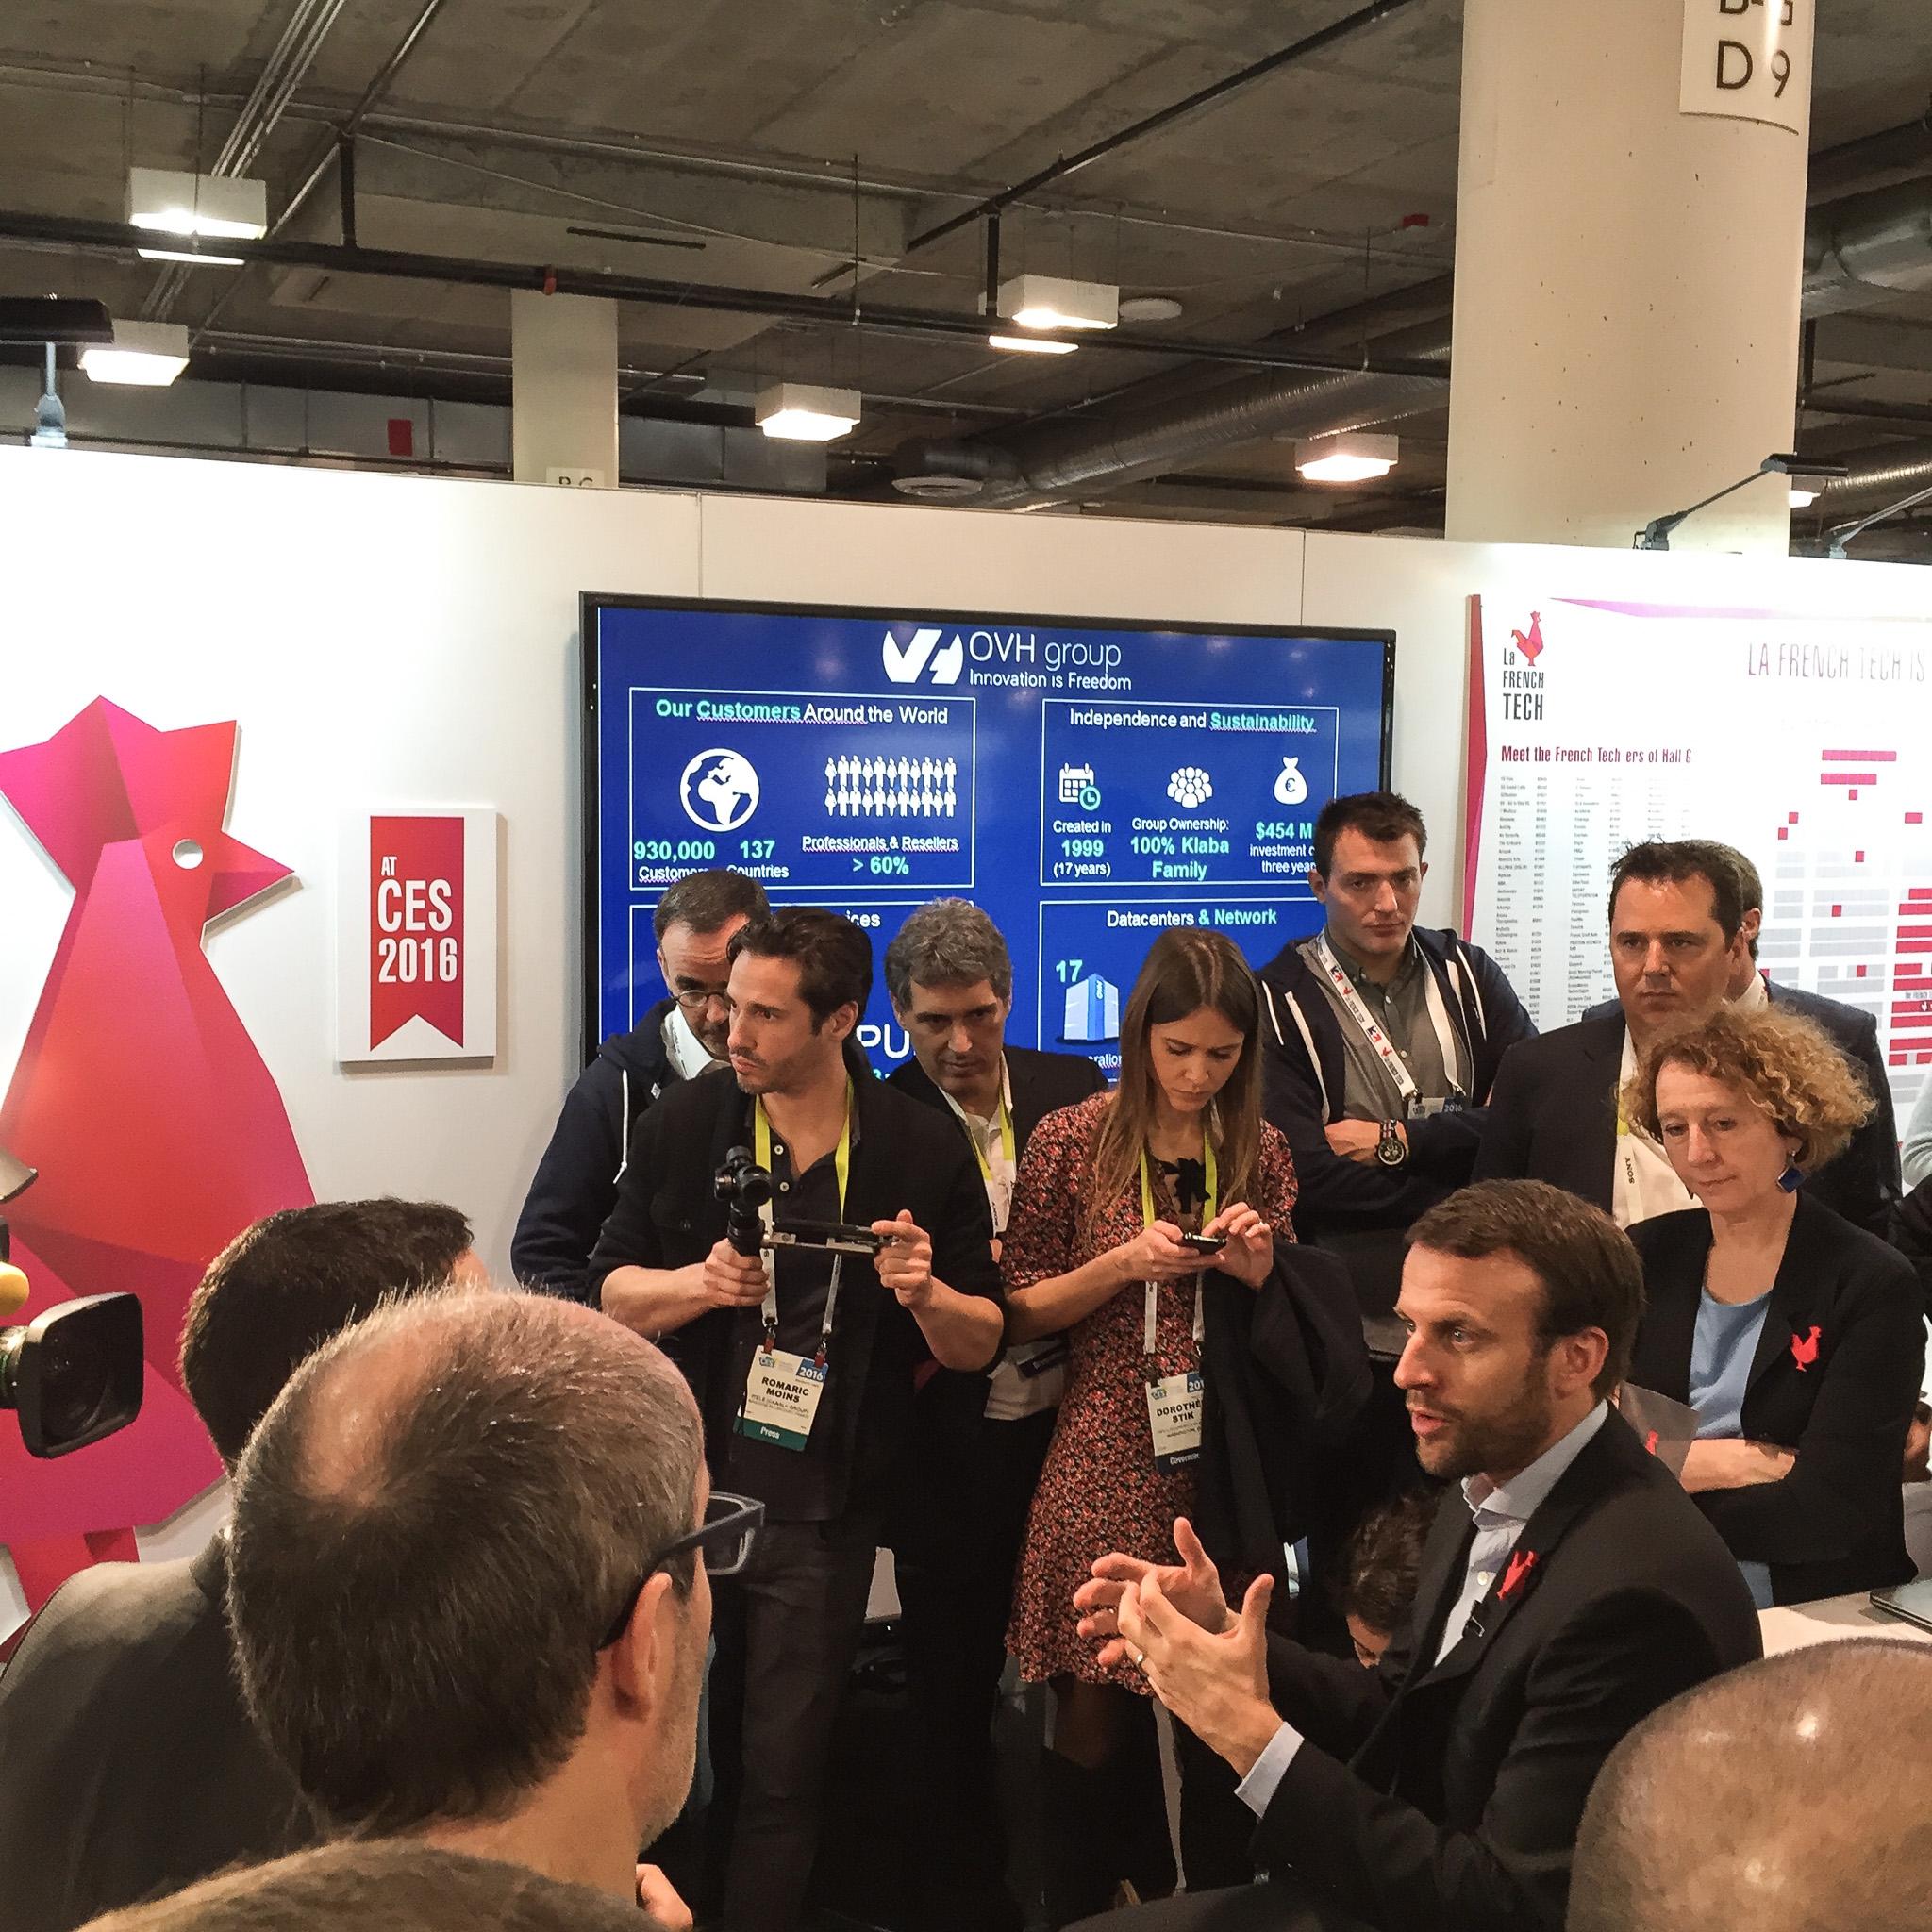 Le ministre de l'Economie Emmanuel Macron, en visite sur le stand de la French Tech.